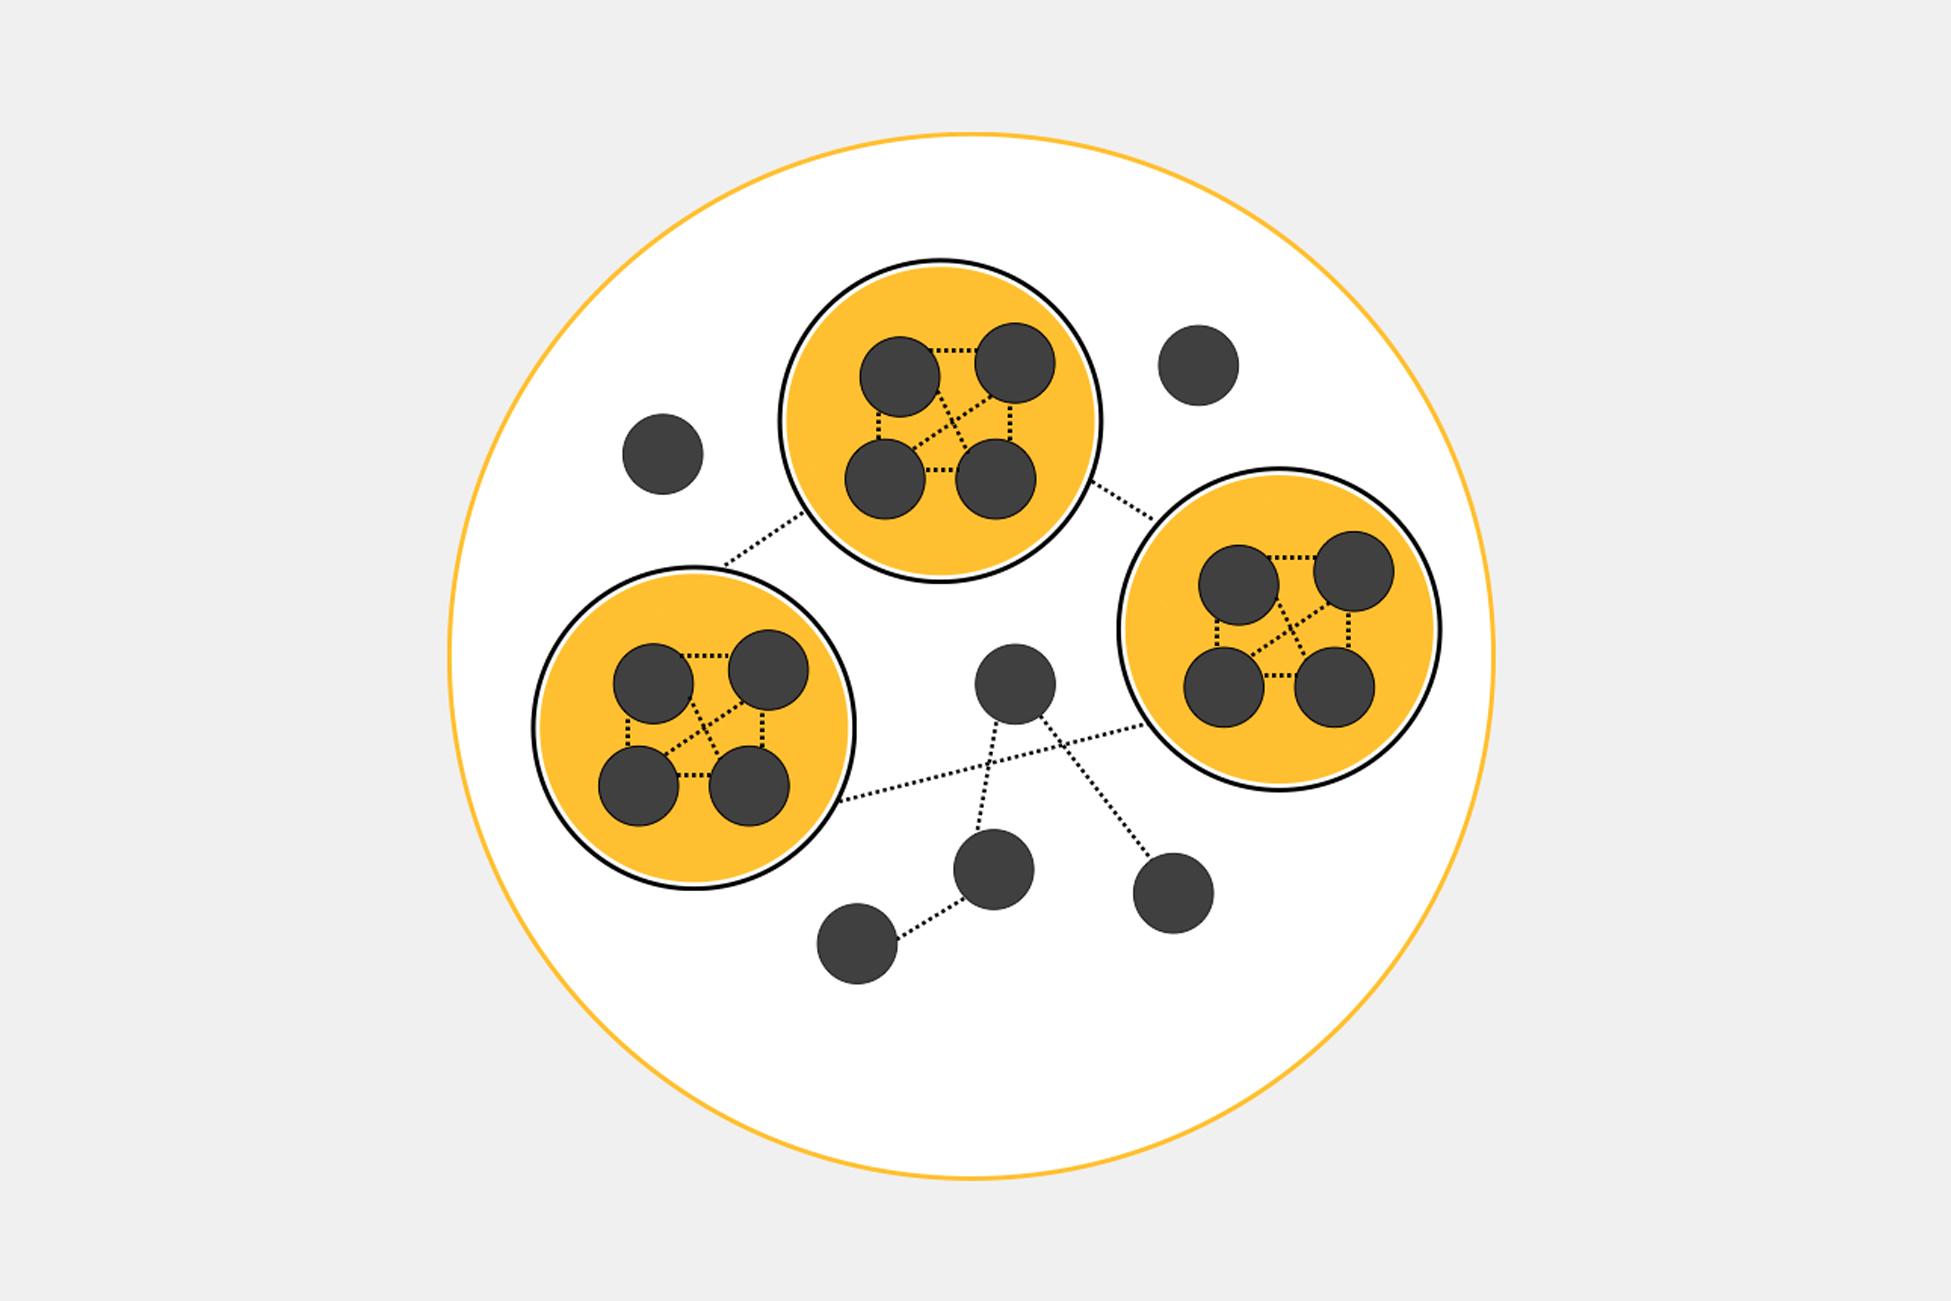 Organisatie Architectuur - We brengen in kaart op welke manier je activiteiten & teams optimaal verdeelt en aanstuurt. We identificeren de doelstellingen van teams en welke rollen en ondersteuning er nodig is om resultaat te halen.